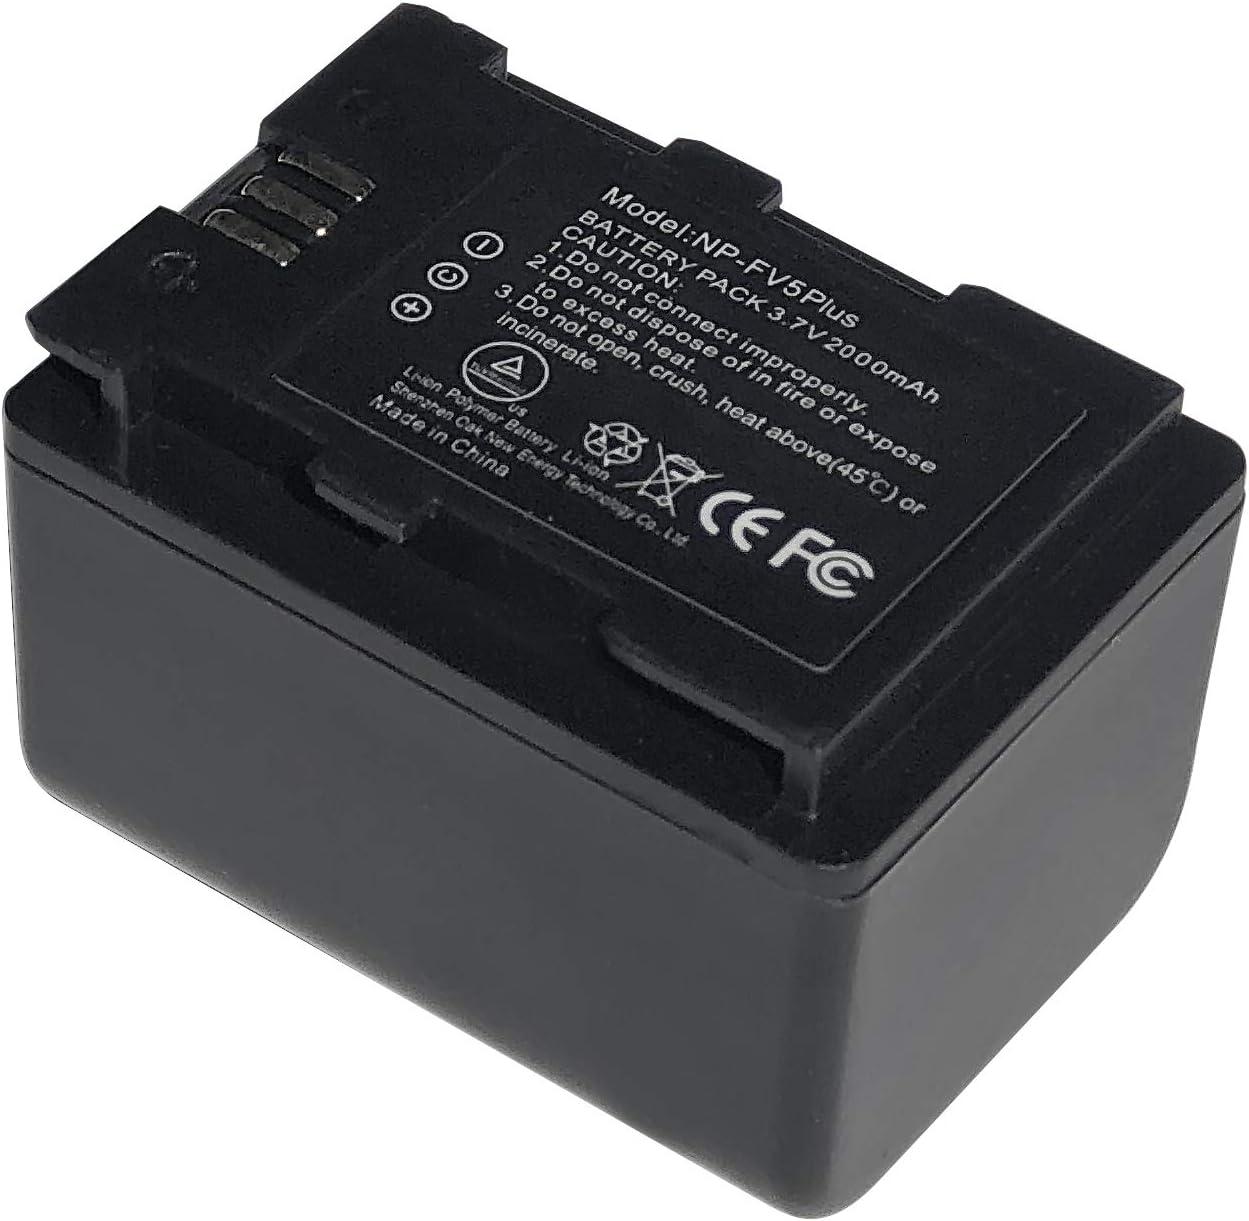 Andoer NP-FV5 Plus Battery Pack 3.7V 2000mAh Rechargeable Battery for Andoer 524KM 4K WiFi 1080P Digital Video Camera for Sony DV